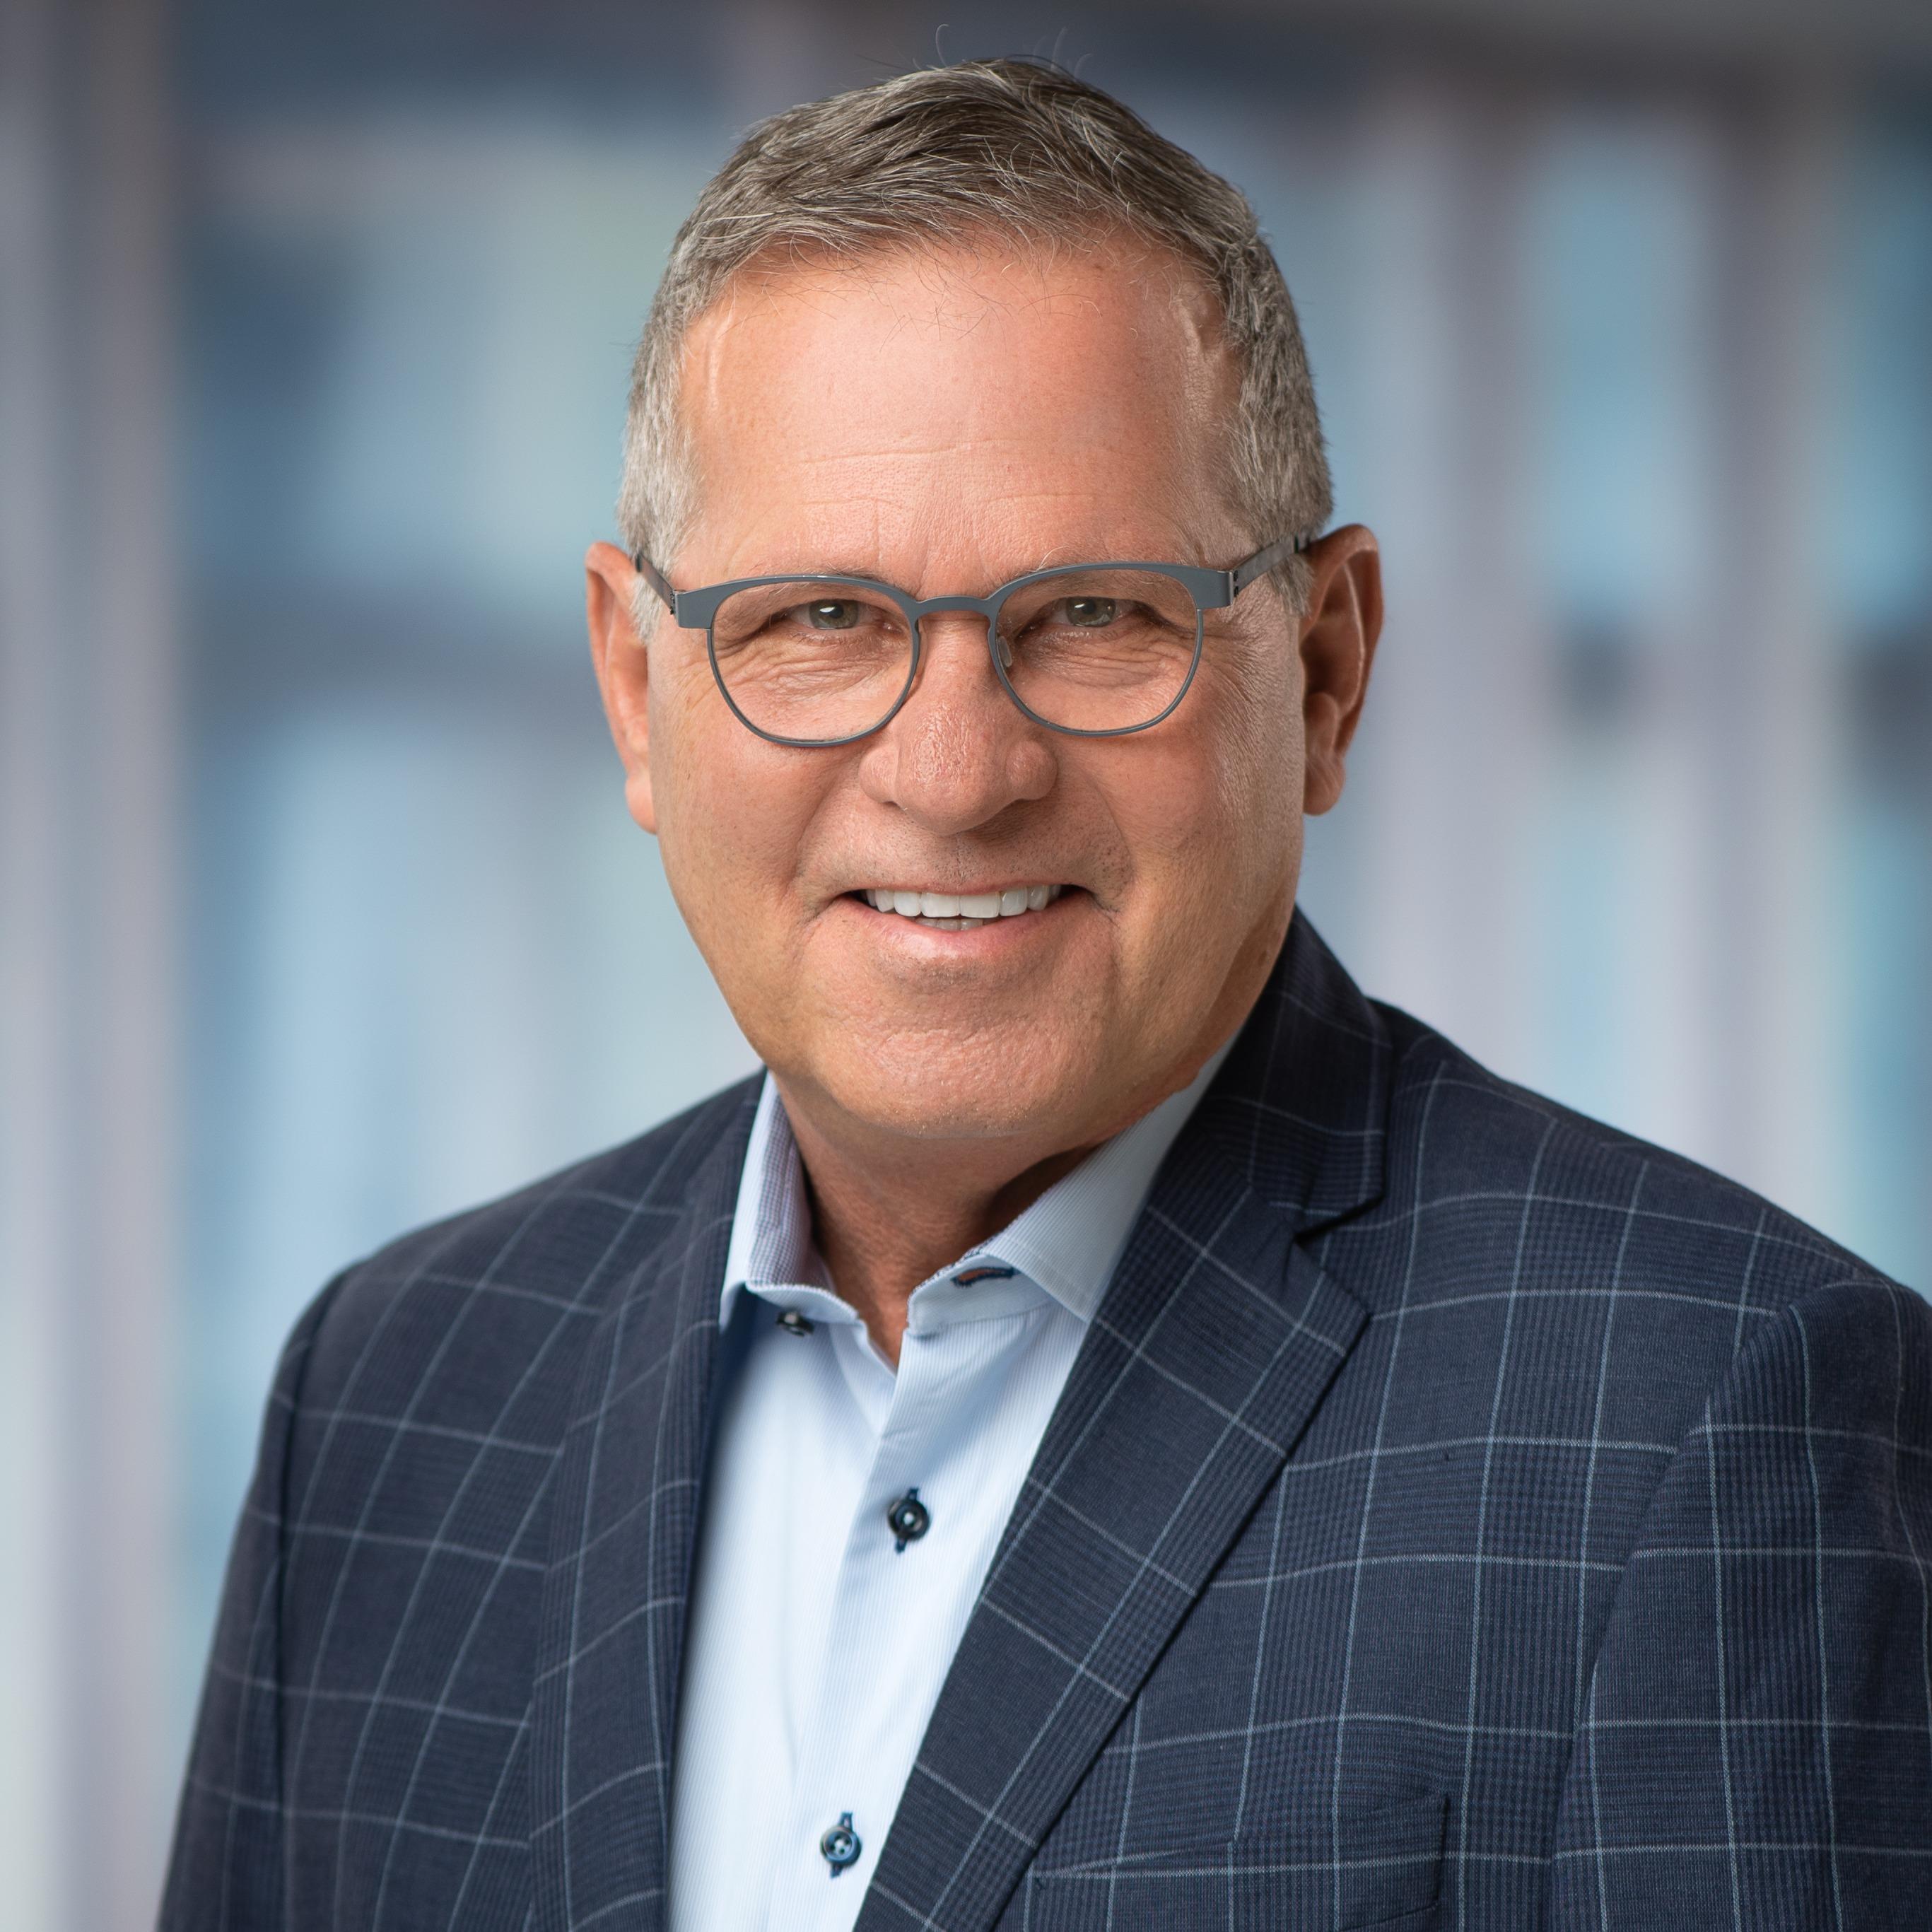 Dr. Michael J. Crete